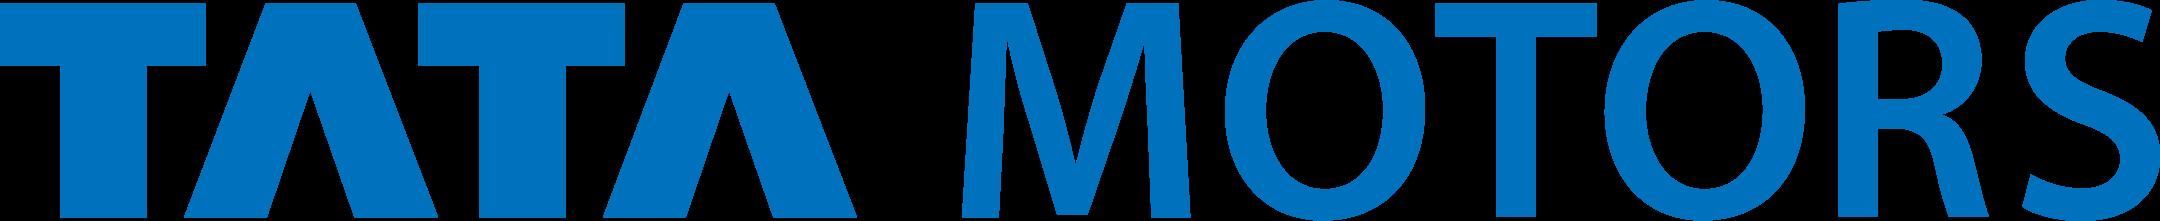 tata motors logo 2 - Tata Motors Logo